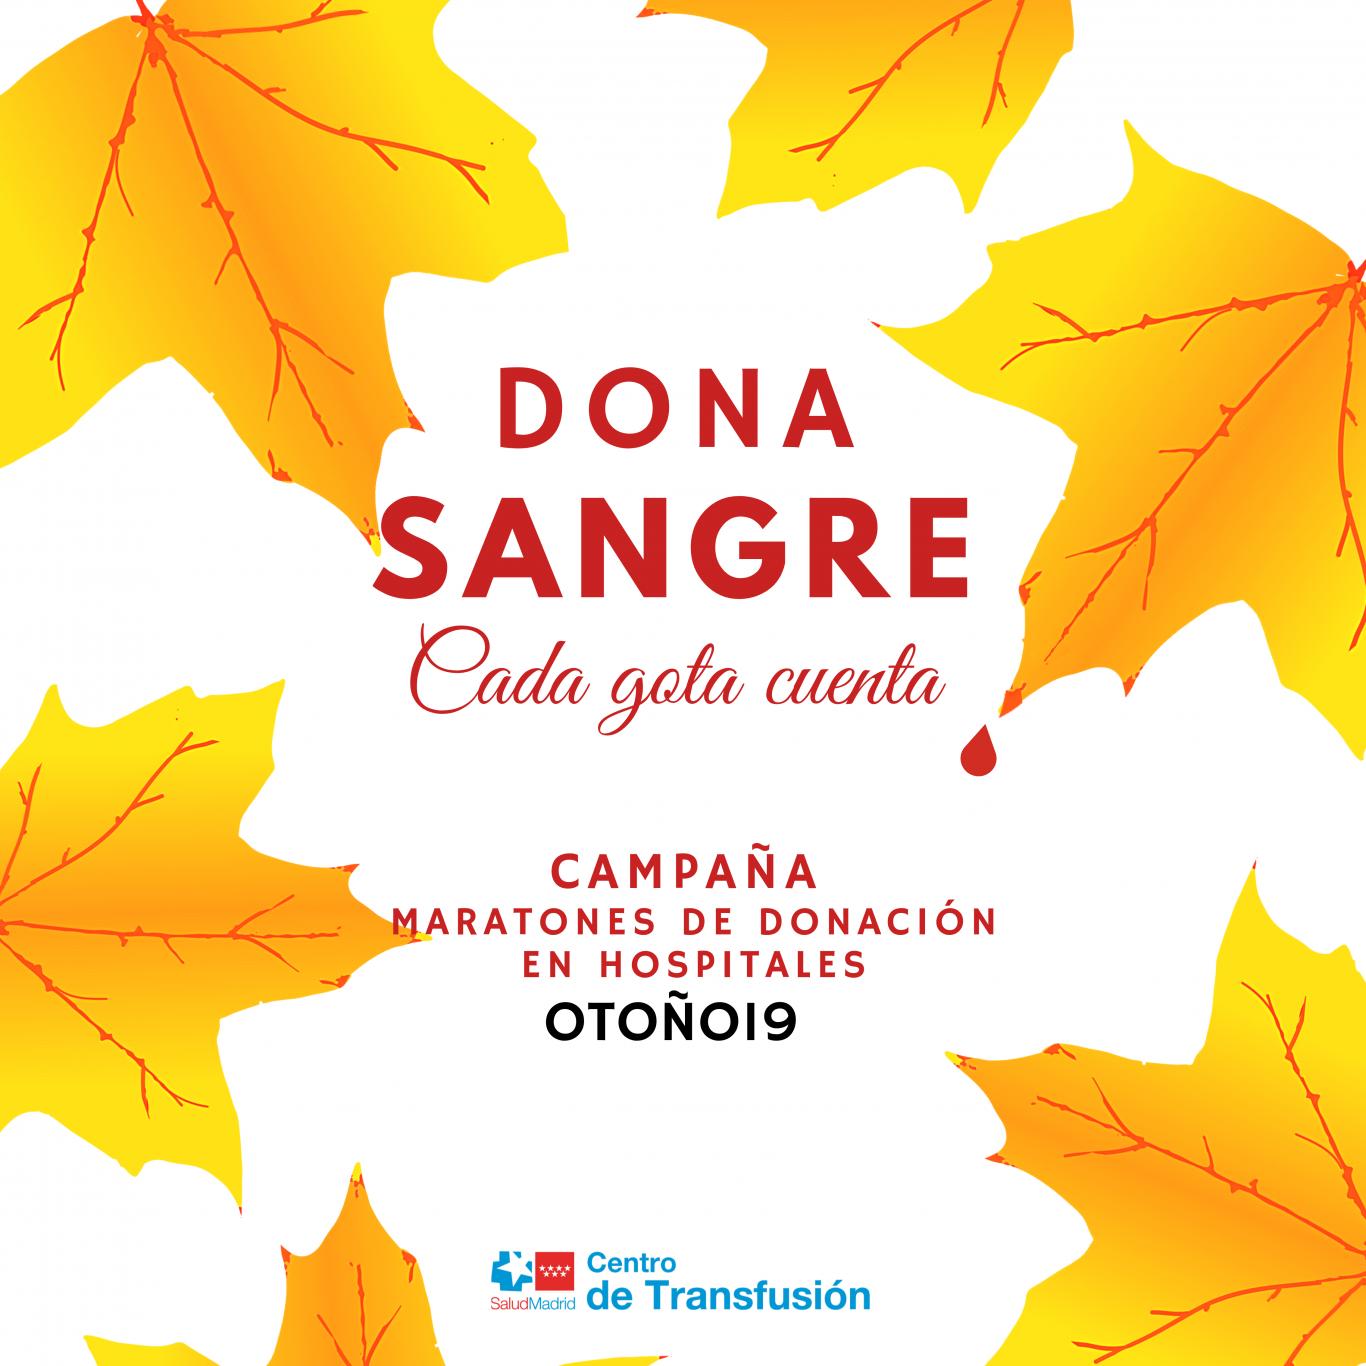 Cartel campaña de otoño con hojas amarillas y el lema Dona sangre Cada gota cuenta